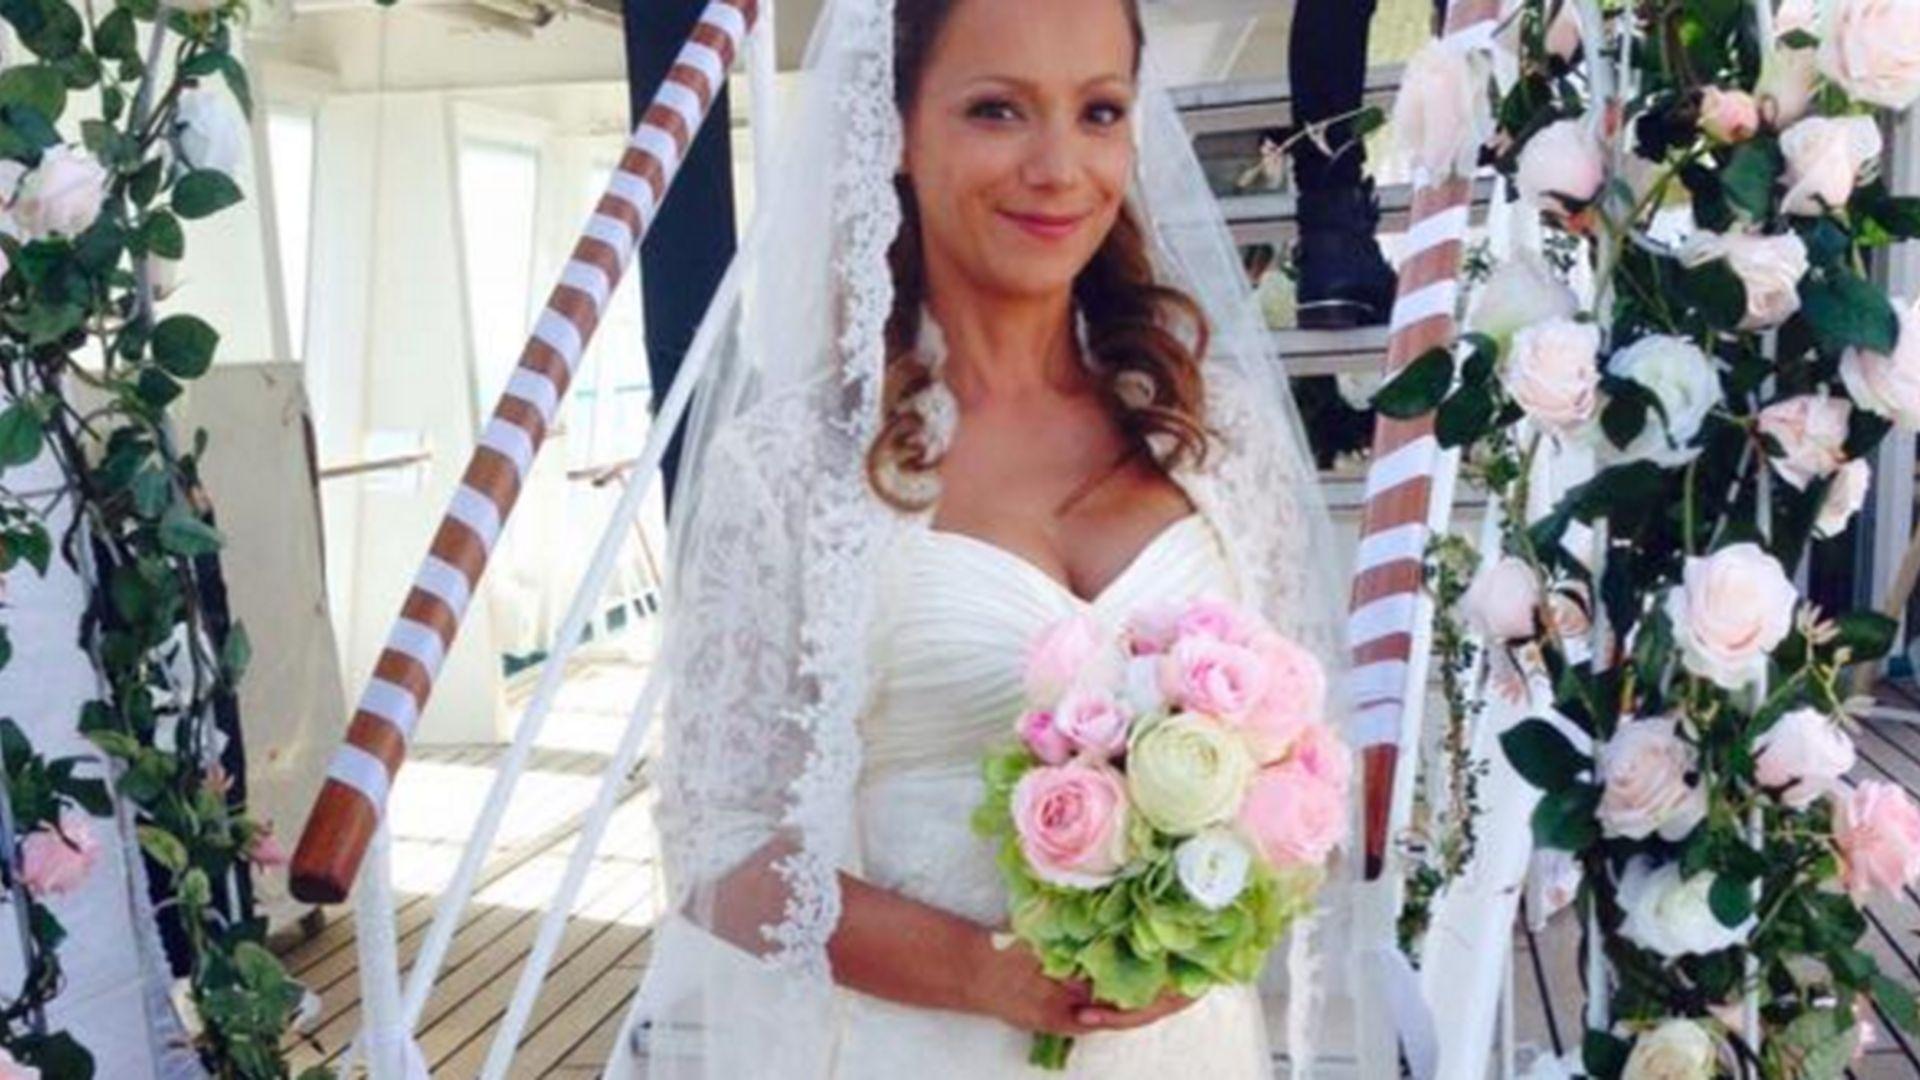 Traumhochzeit Radost Bokel ist eine wunderschne Braut